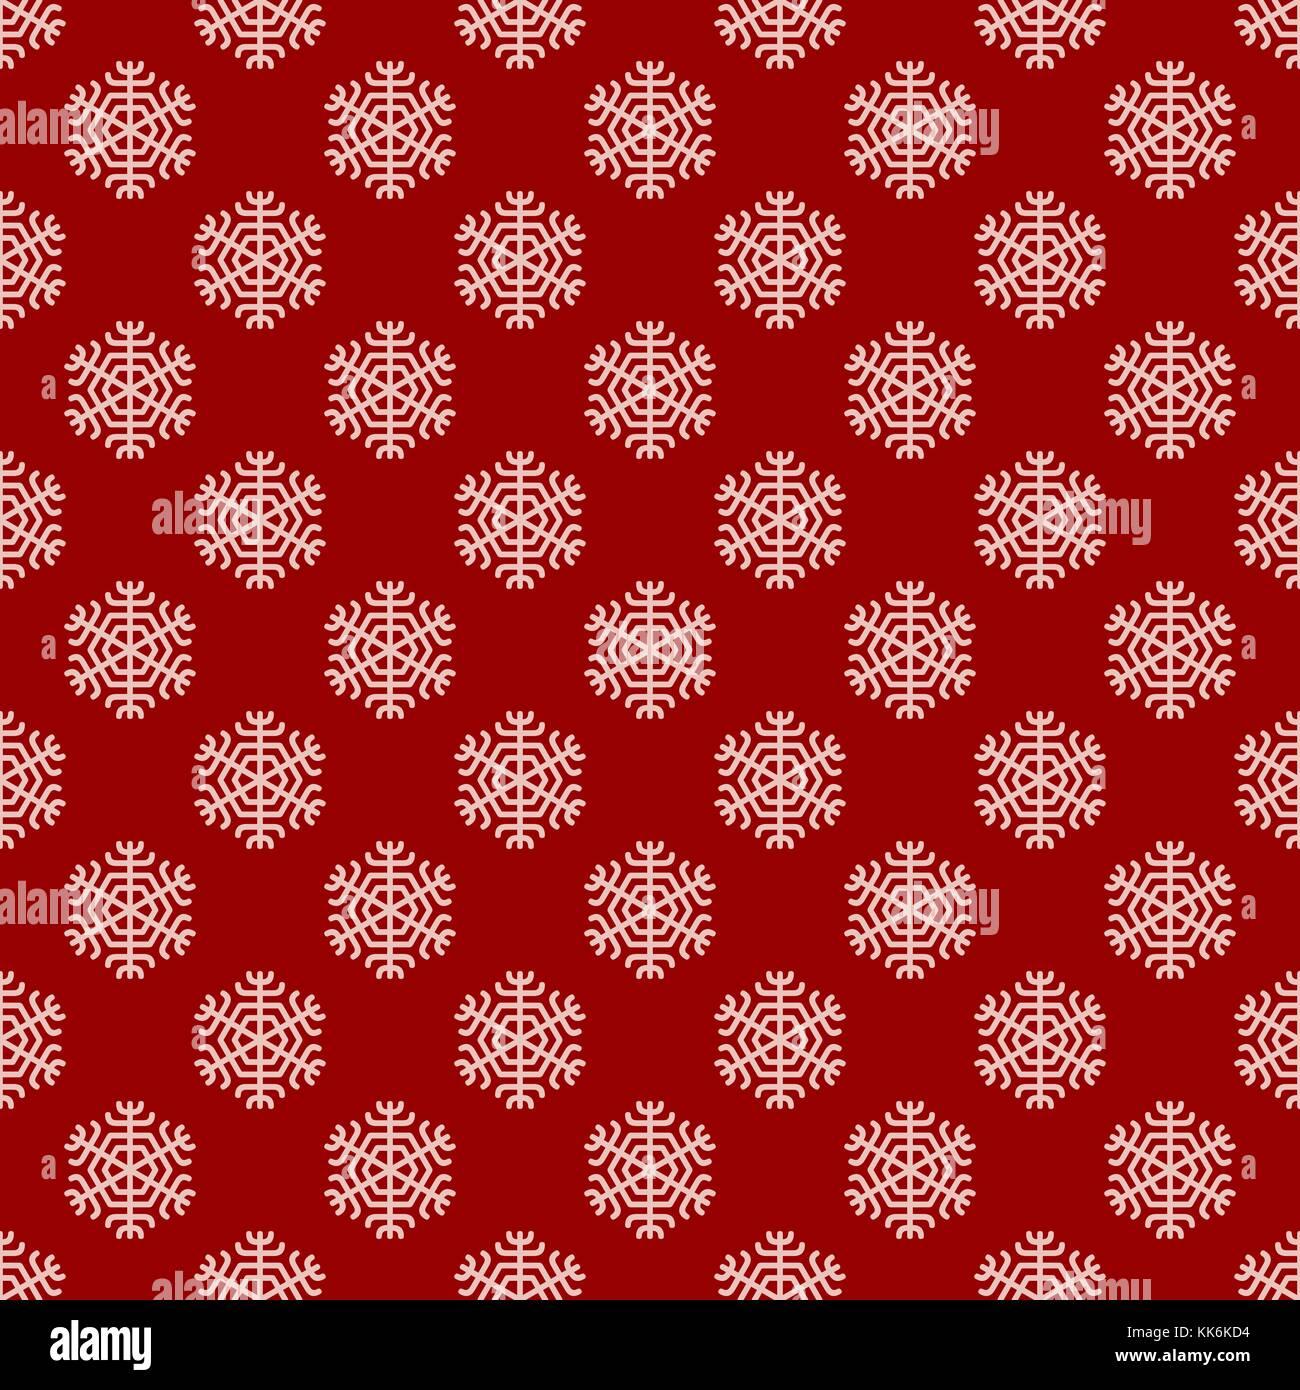 Nahtlose geometrische winter schnee Muster Tapete - Vektor ...